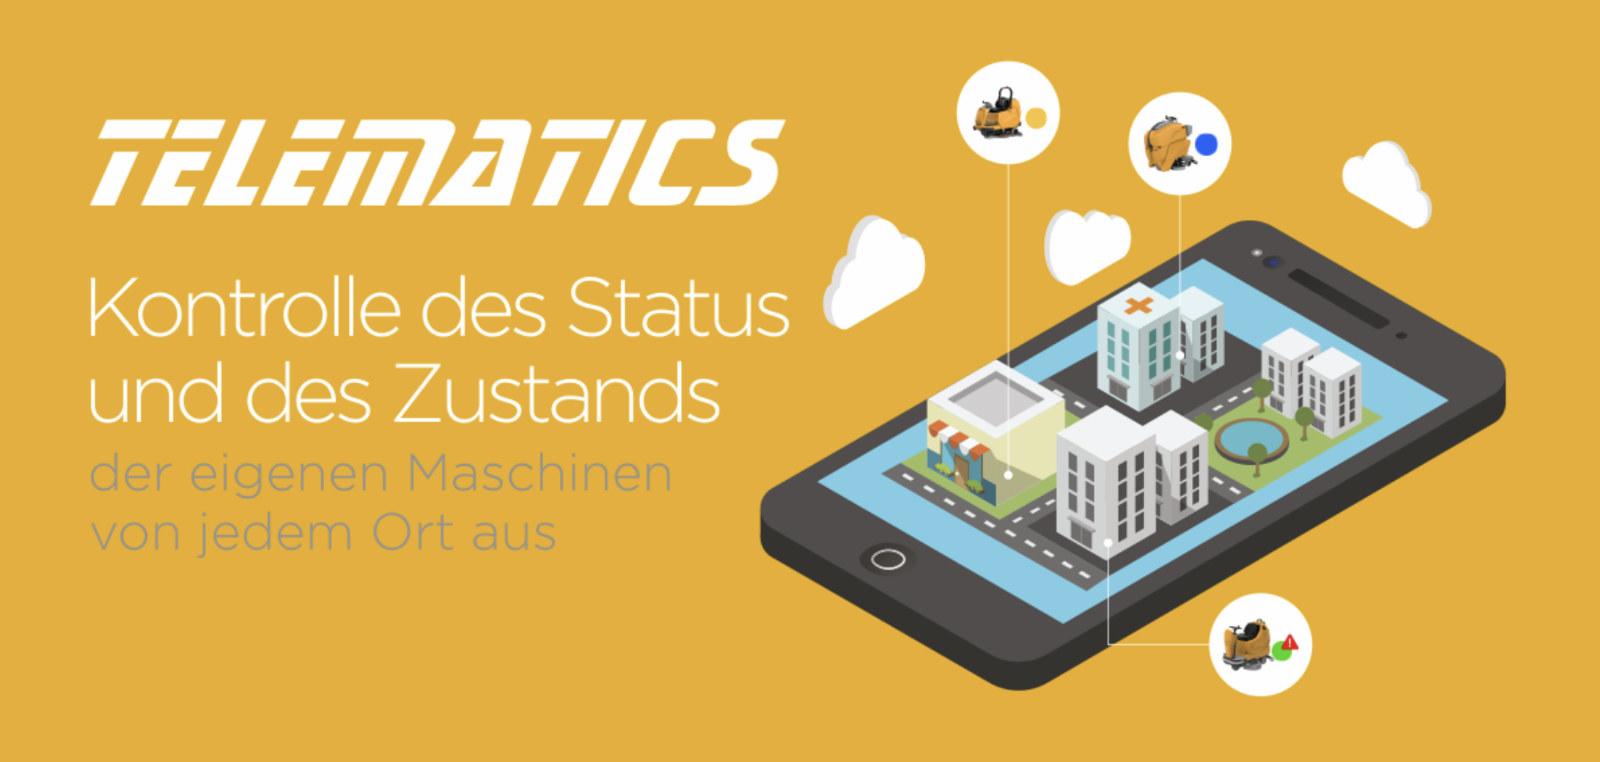 Telematics FL Reinigungstechnik - Reinigungsgeräte von adiatek - Desinfektion mit Ozon made in Italy - Jetzt auch in München